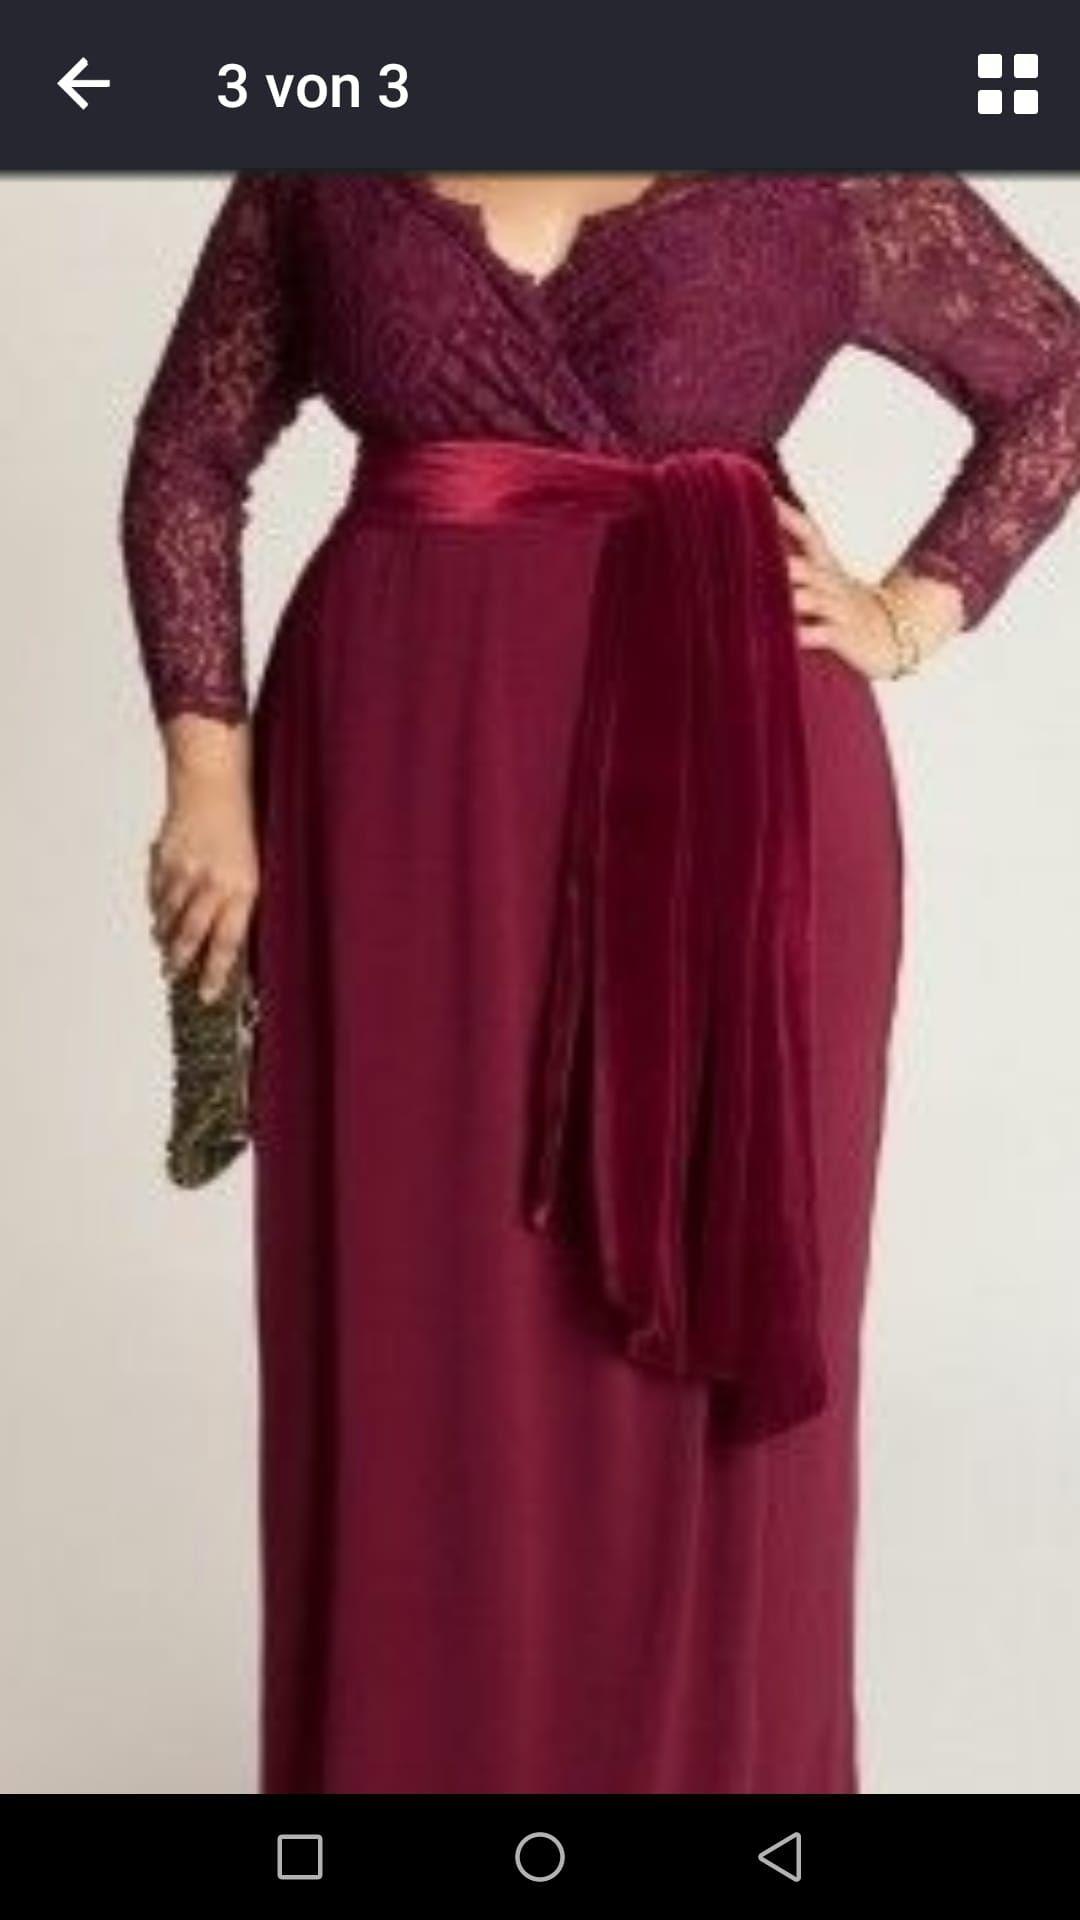 Biete ein Abendkleid in Bordeaux Größe 16-16 neu nicht getragen